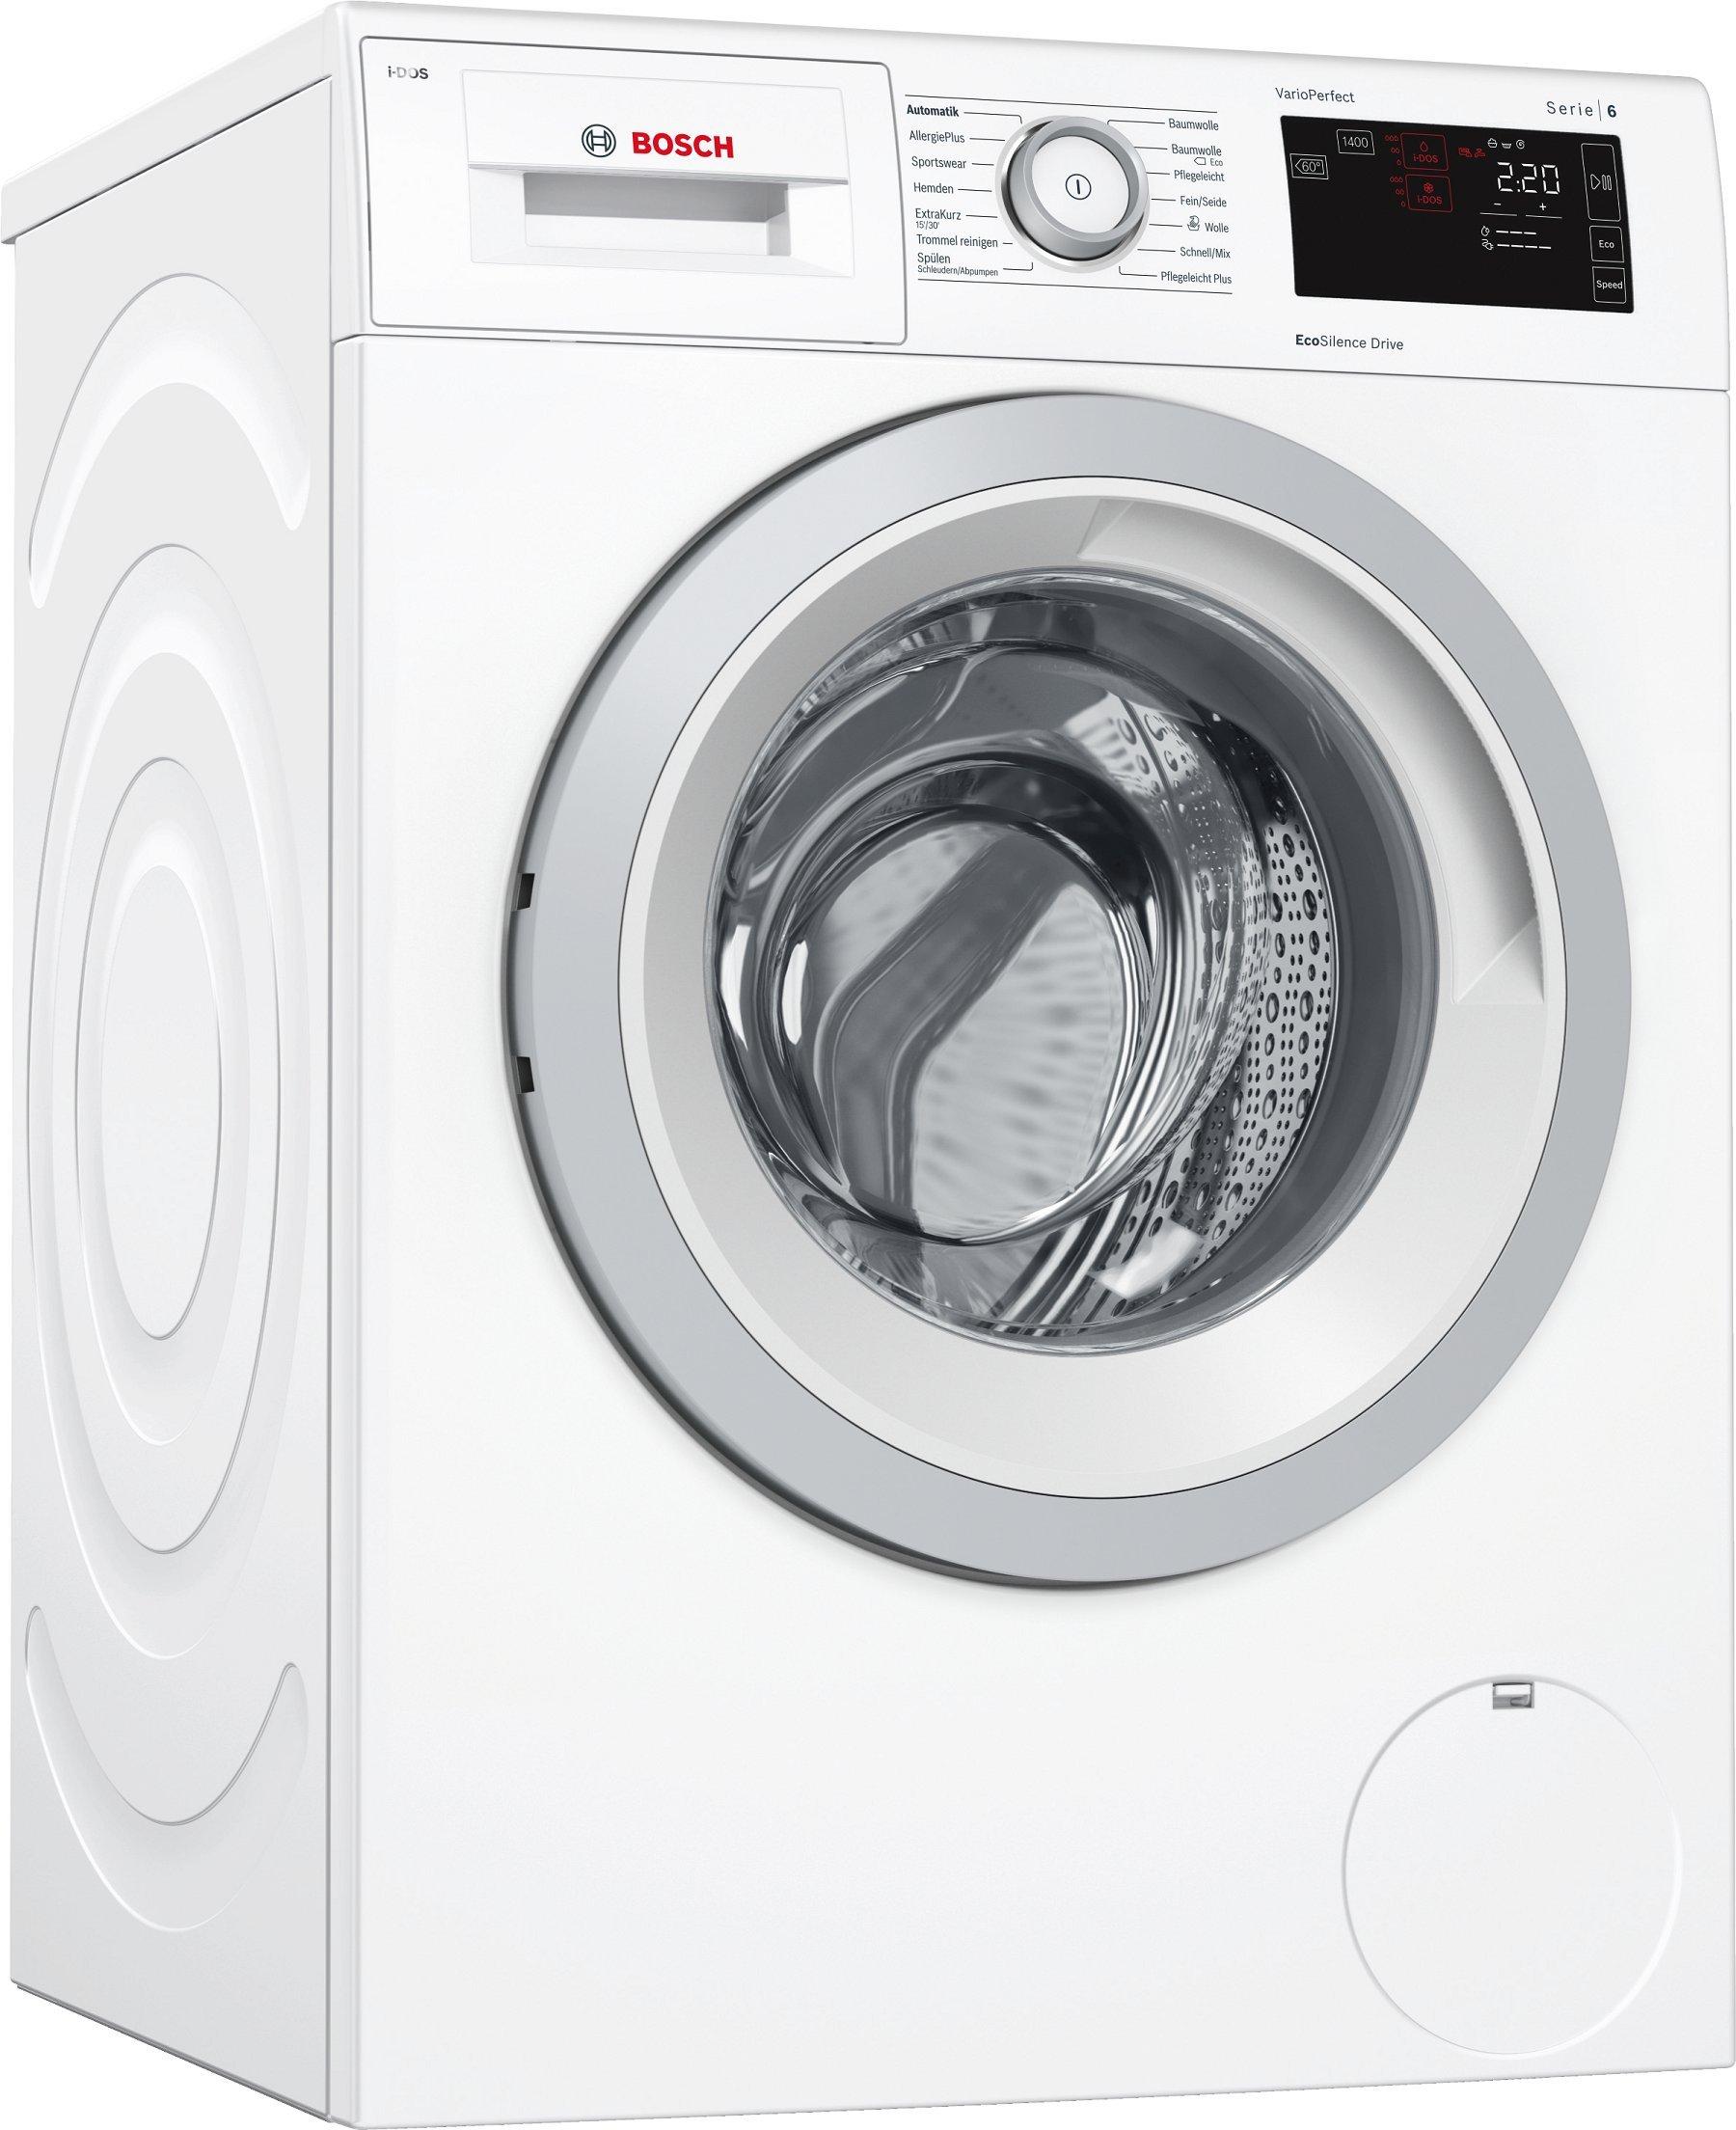 Bosch-WAT28641-Serie-6-Waschmaschine-Frontlader-8-kg1379-UpMStartzeitvorwahliDos